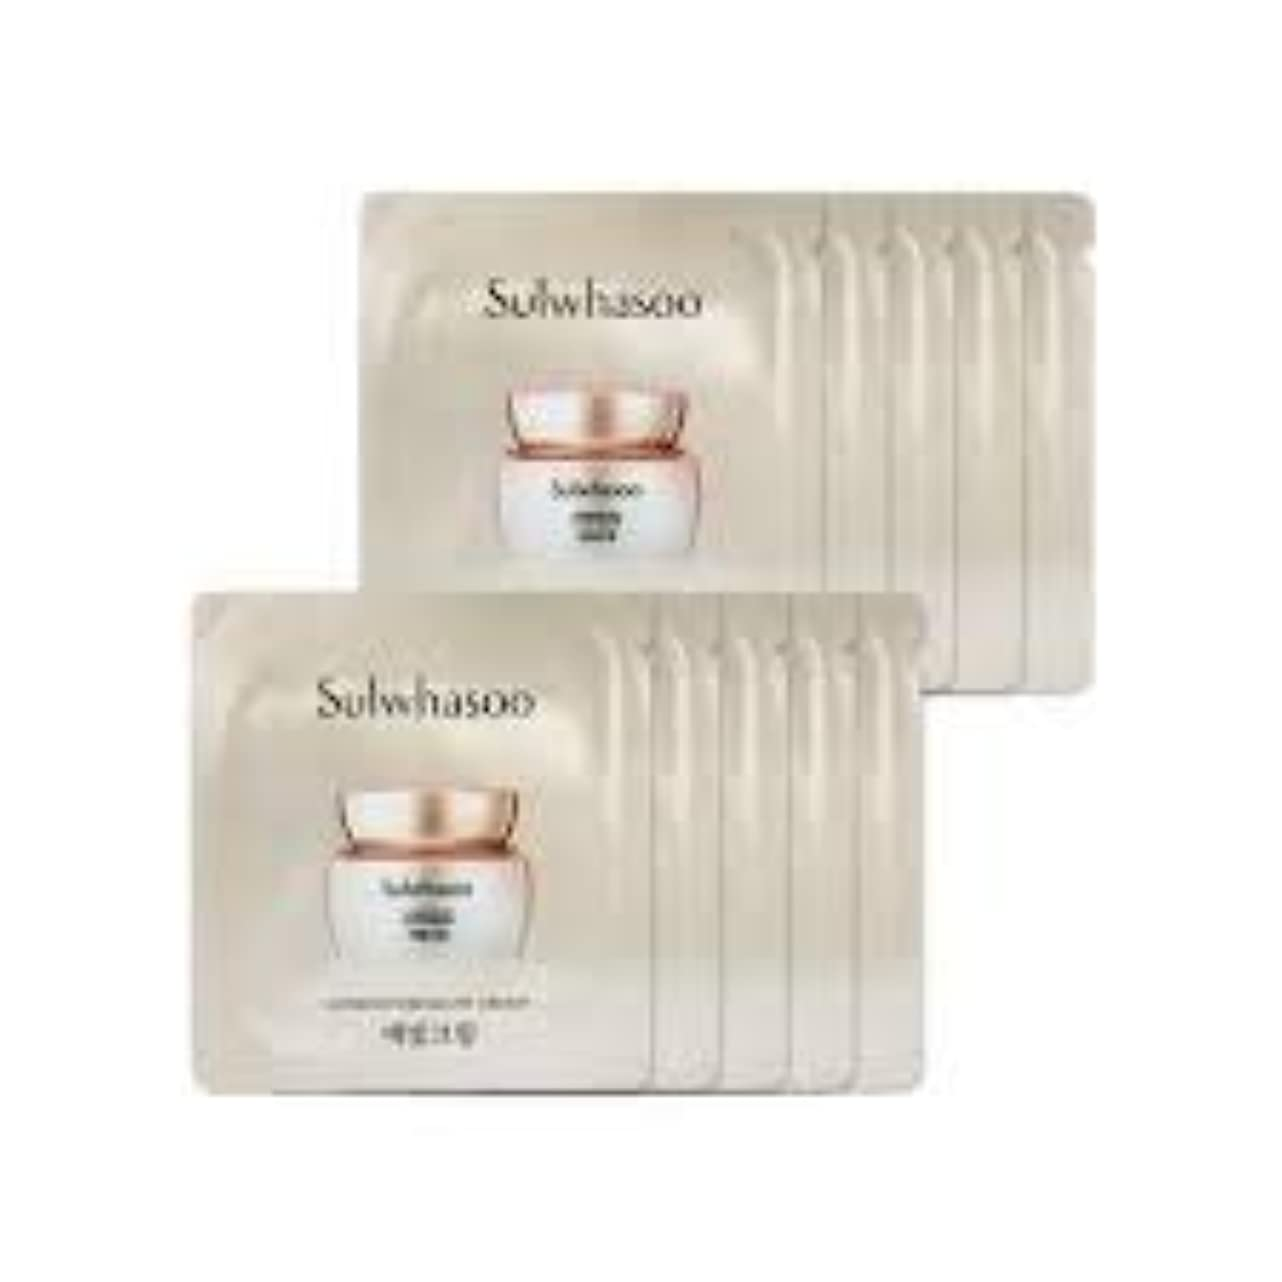 ボートアプローチ鳴らす[ソルファス ] Sulwhasoo (雪花秀) ルミナチュアグロー Luminature Glow Cream 1ml x 30 (イェビトクリーム) [ShopMaster1]